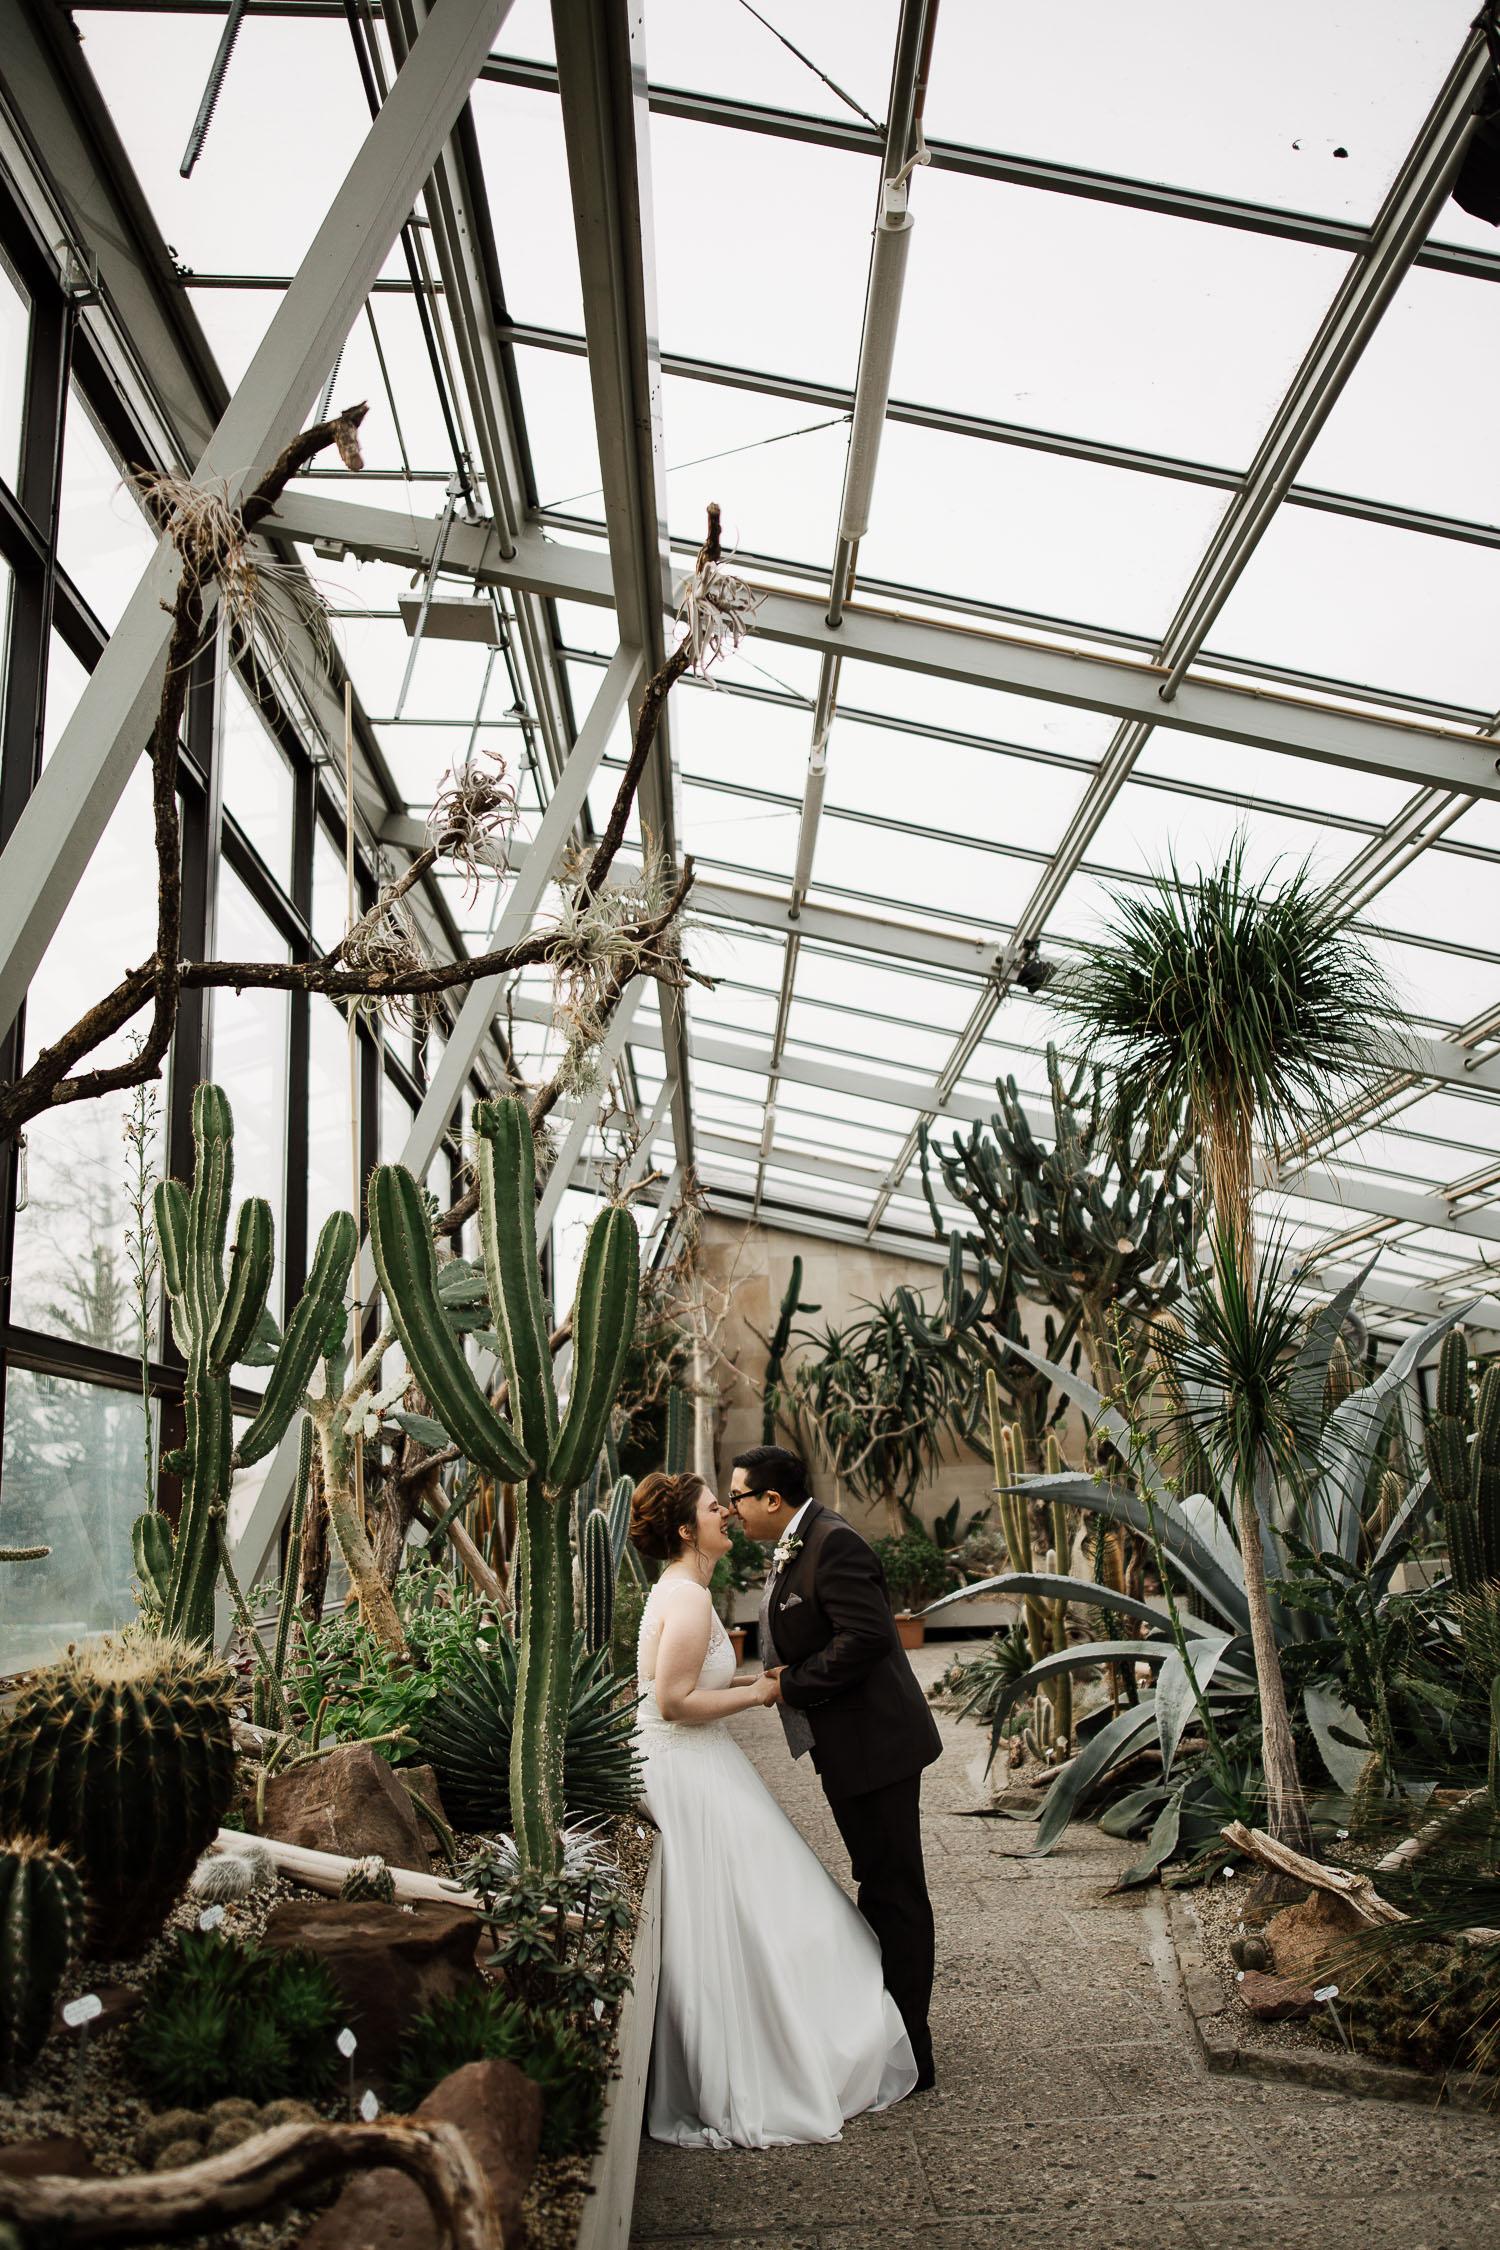 Hochzeitsfotografie-Hannover-Hochzeitsfotograf-m-fotografiert-Fotografie-Hochzeit-45-2 Marie & Elias Hochzeitreportage